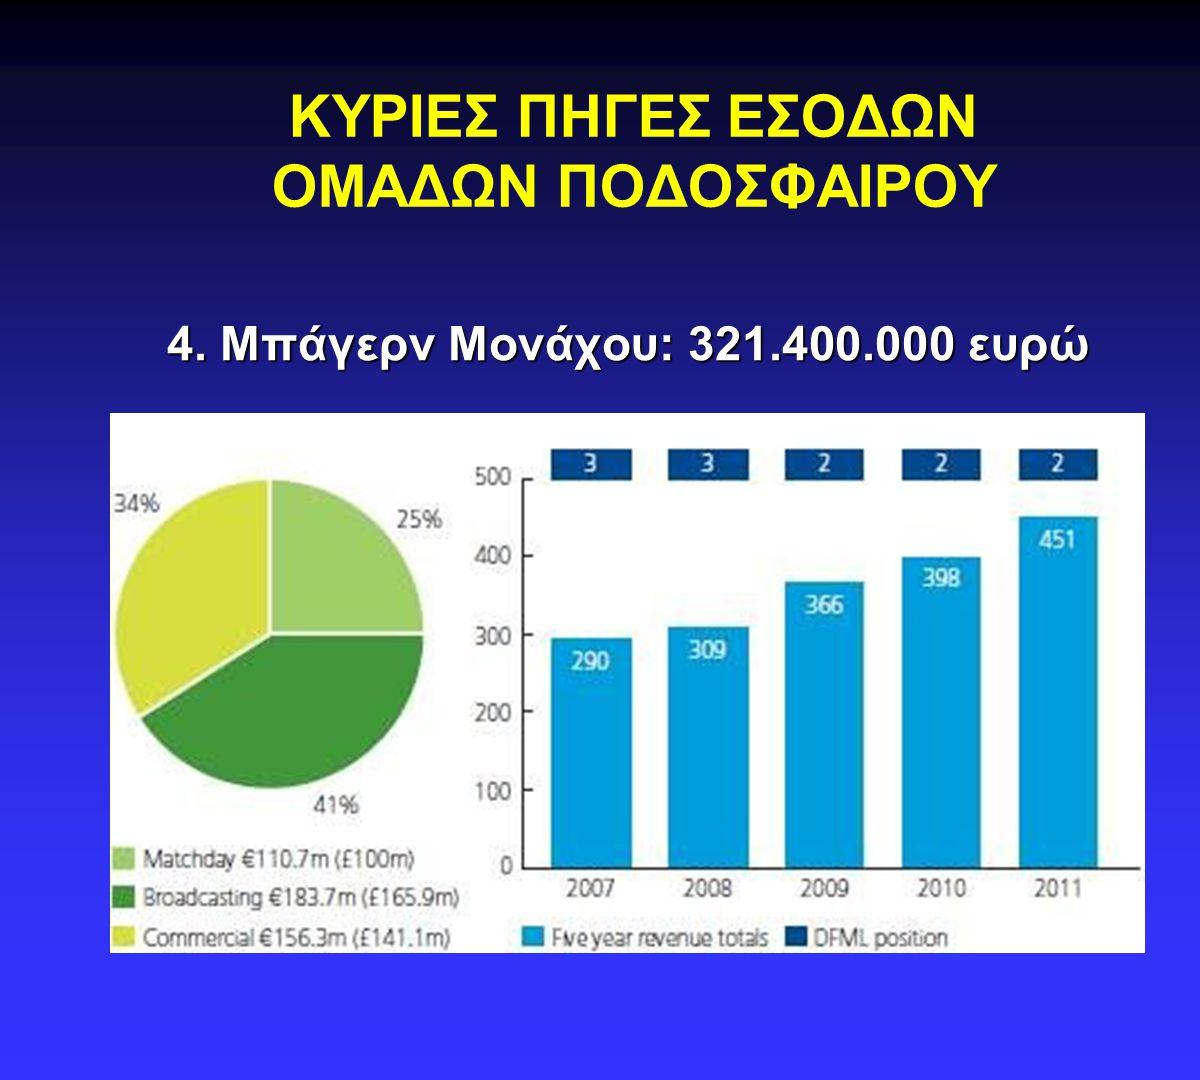 1.ΤΗΛΕΟΠΤΙΚΑ ΔΙΚΑΙΩΜΑΤΑ  Θεωρείται βασική πηγή εσόδων.